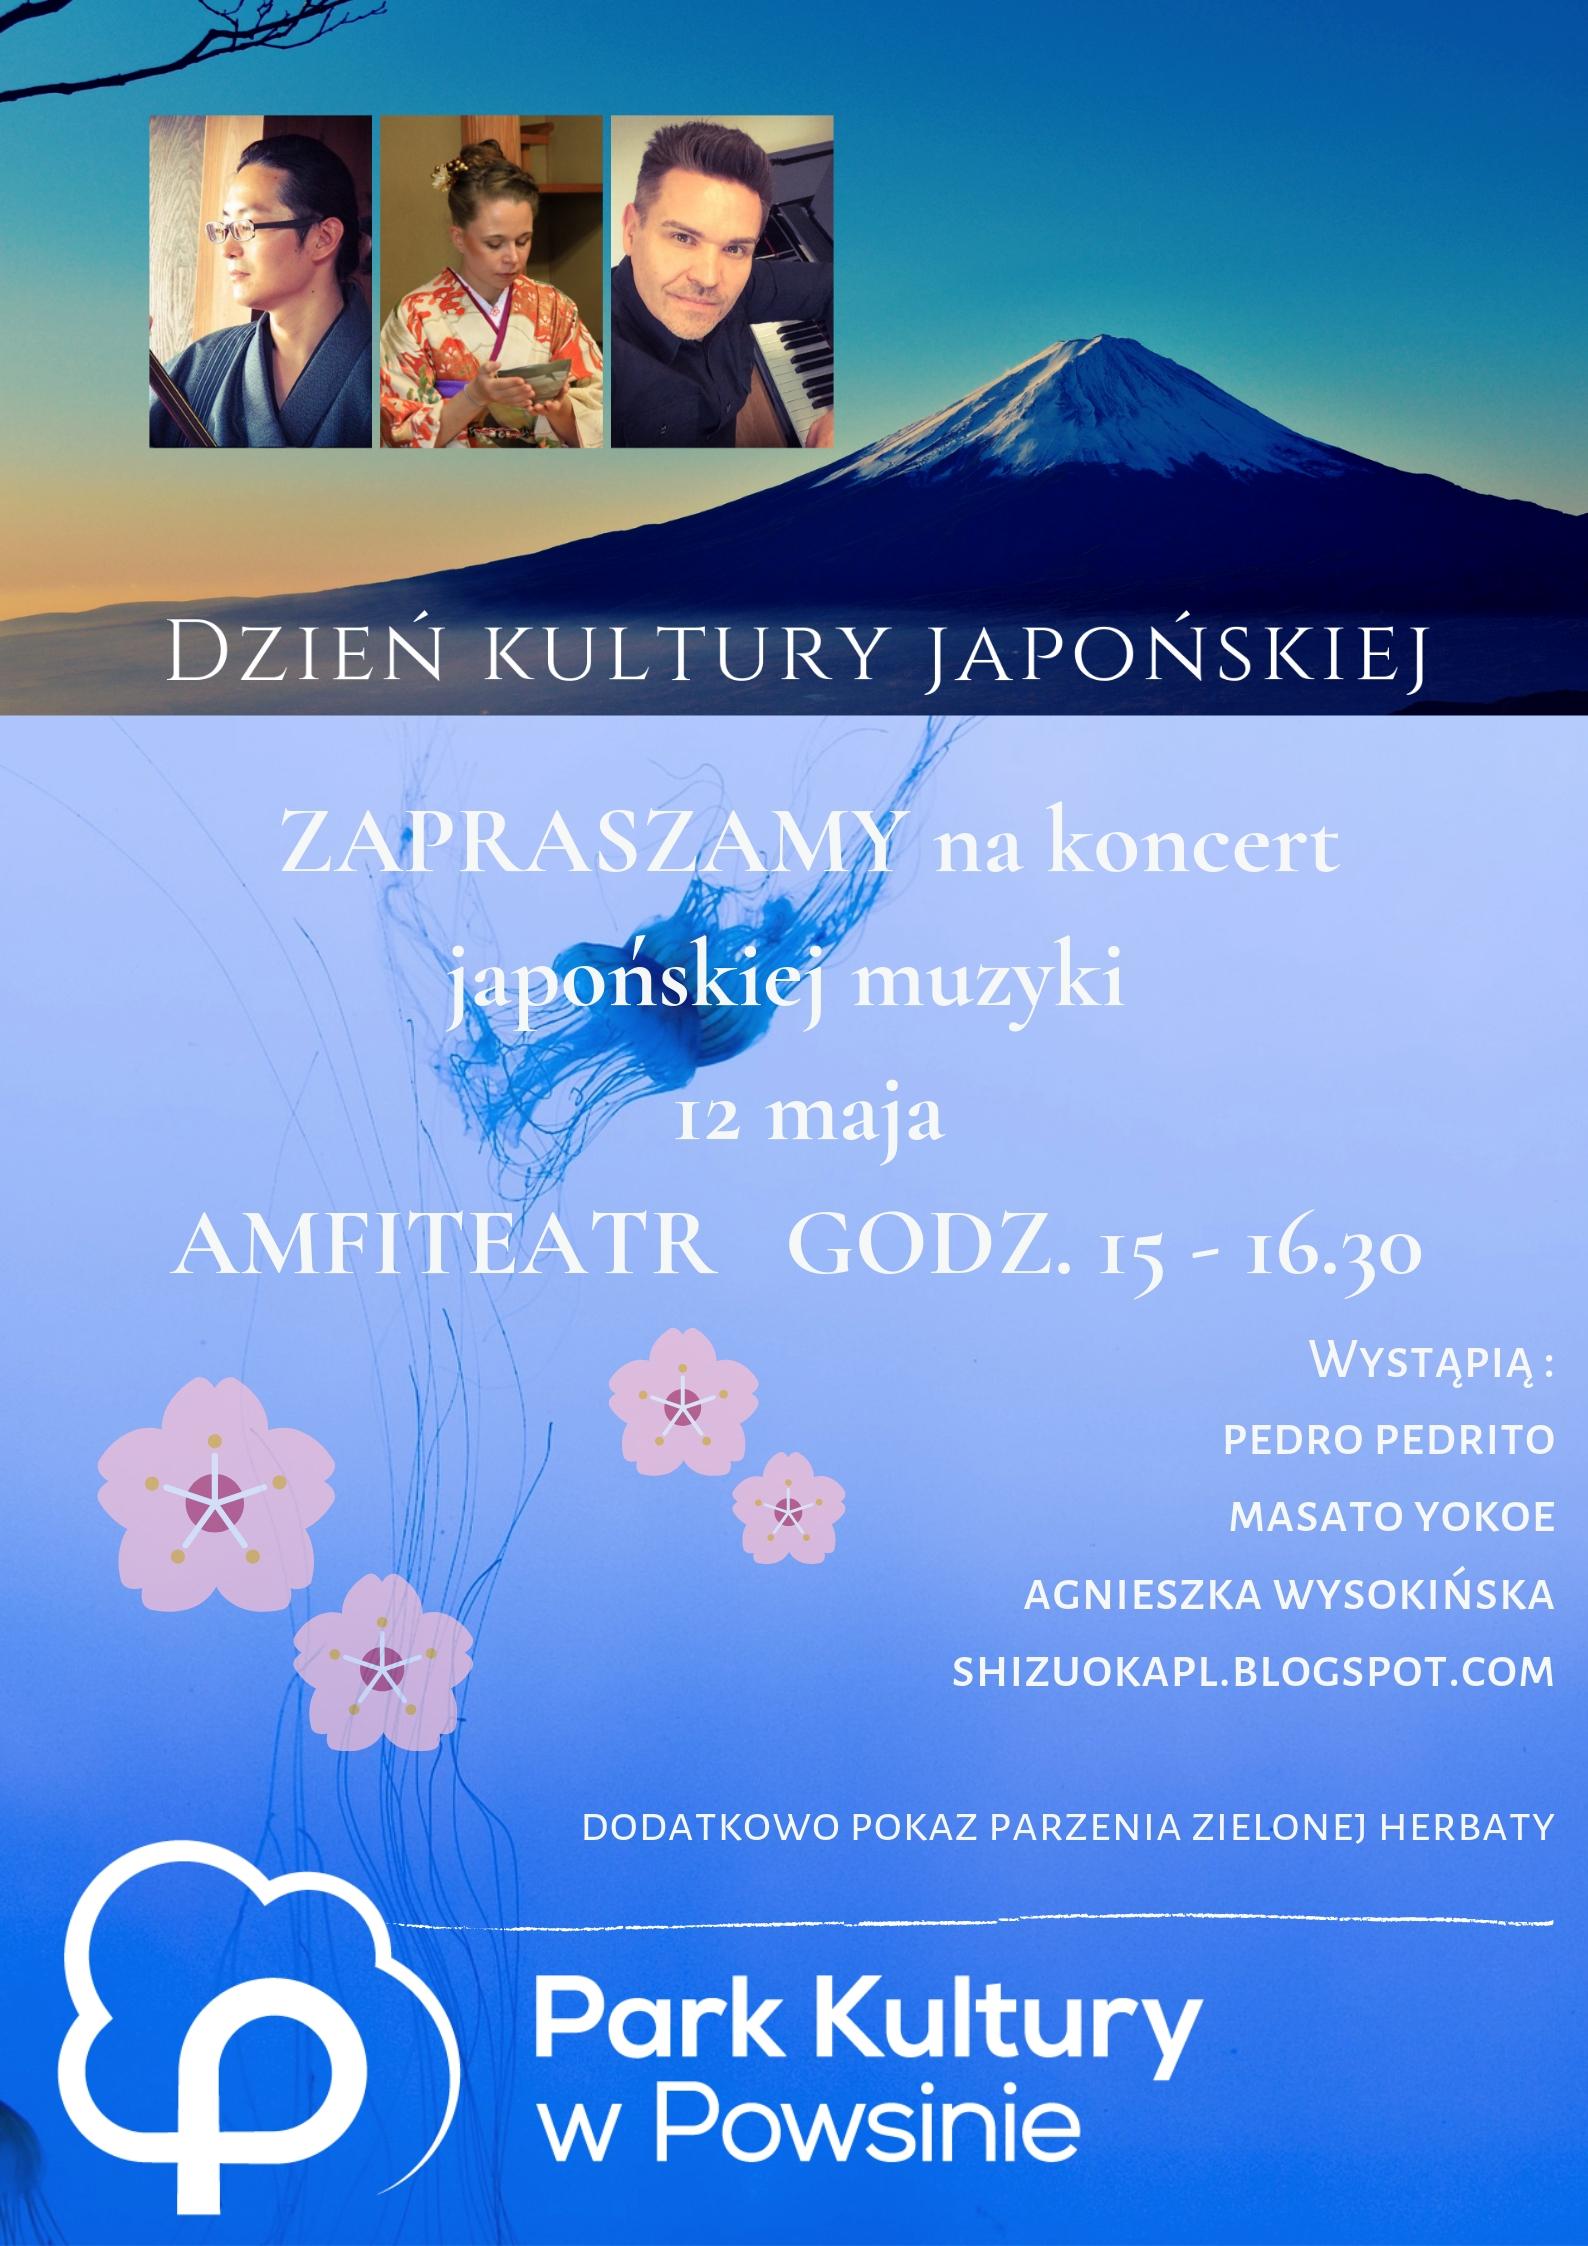 Koncert Kultury Japońskiej @ amfiteatr Parku Kultury w Powsinie